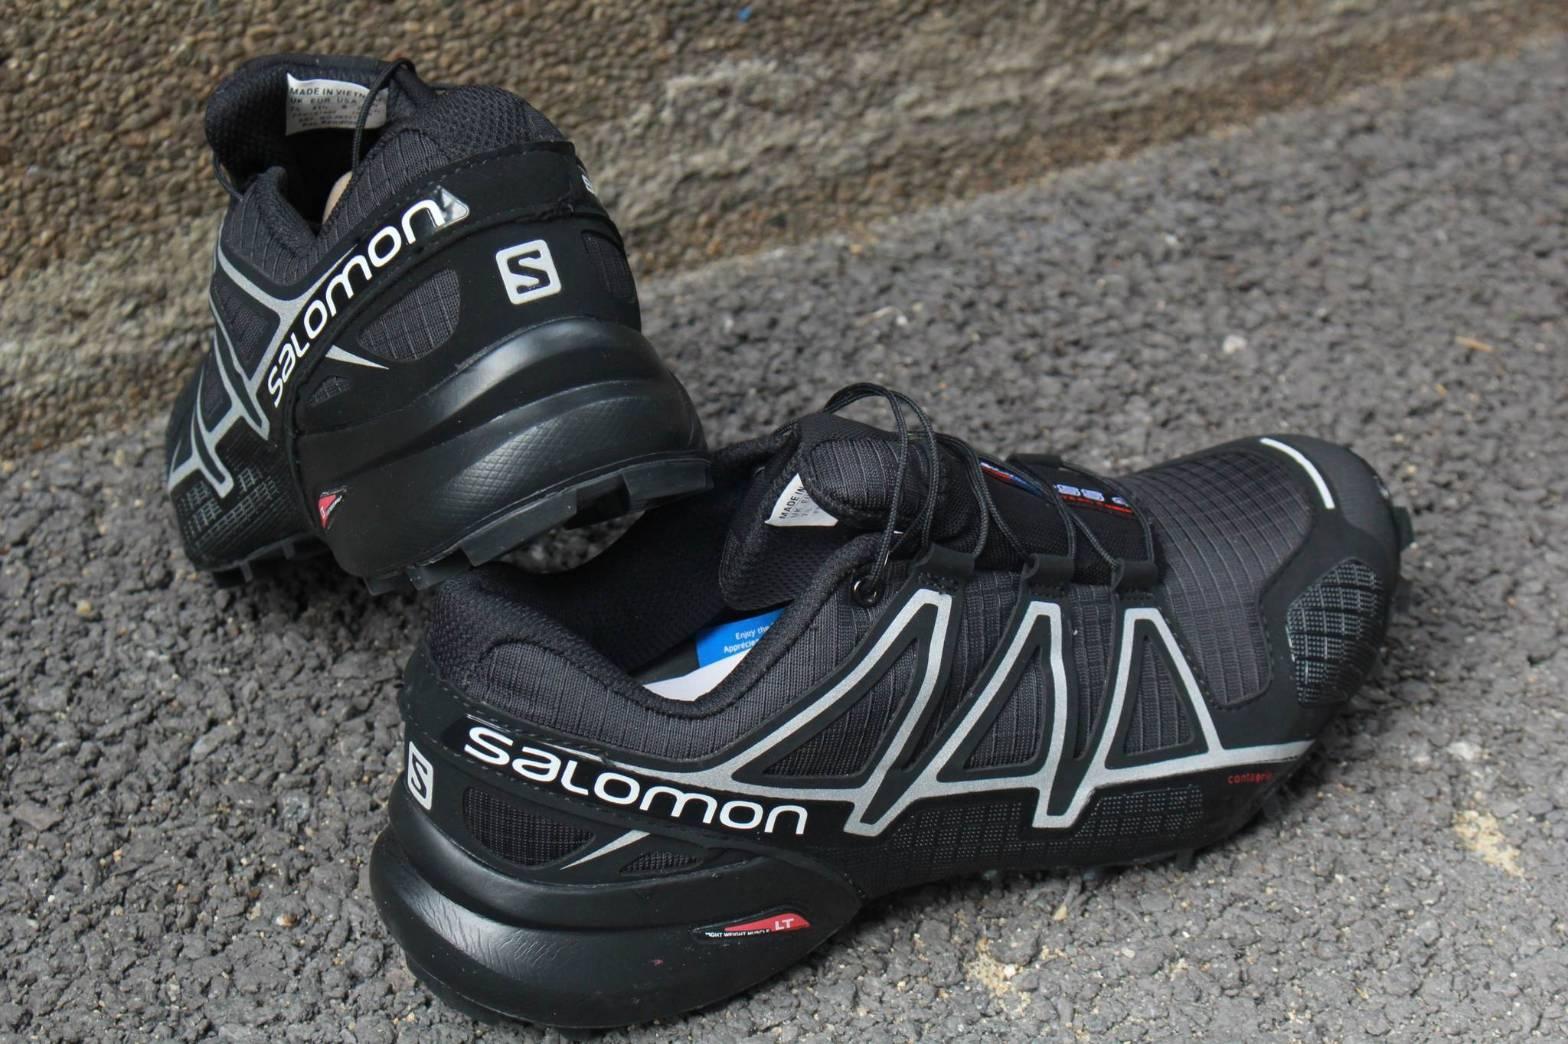 New.รองเท้า SPEEDCROSS 4 CS แท้ MADE IN VIETNAM ⭕รองเท้ายุทธวิธี รุ่น SPEEDCROSS 3 CS MADE IN VIETNAM กันน้ำ เหมาะสำหรับ กีฬายิงปืนยุทธวิธี ขี่จักรยาน วิ่ง ปีนเขา เดินป่า กีฬา The Tank และ ใส่รับรองทุกประเภท ⭕ #จุดเด่น น้ำหนักเบา กันน้ำ# 📌❗